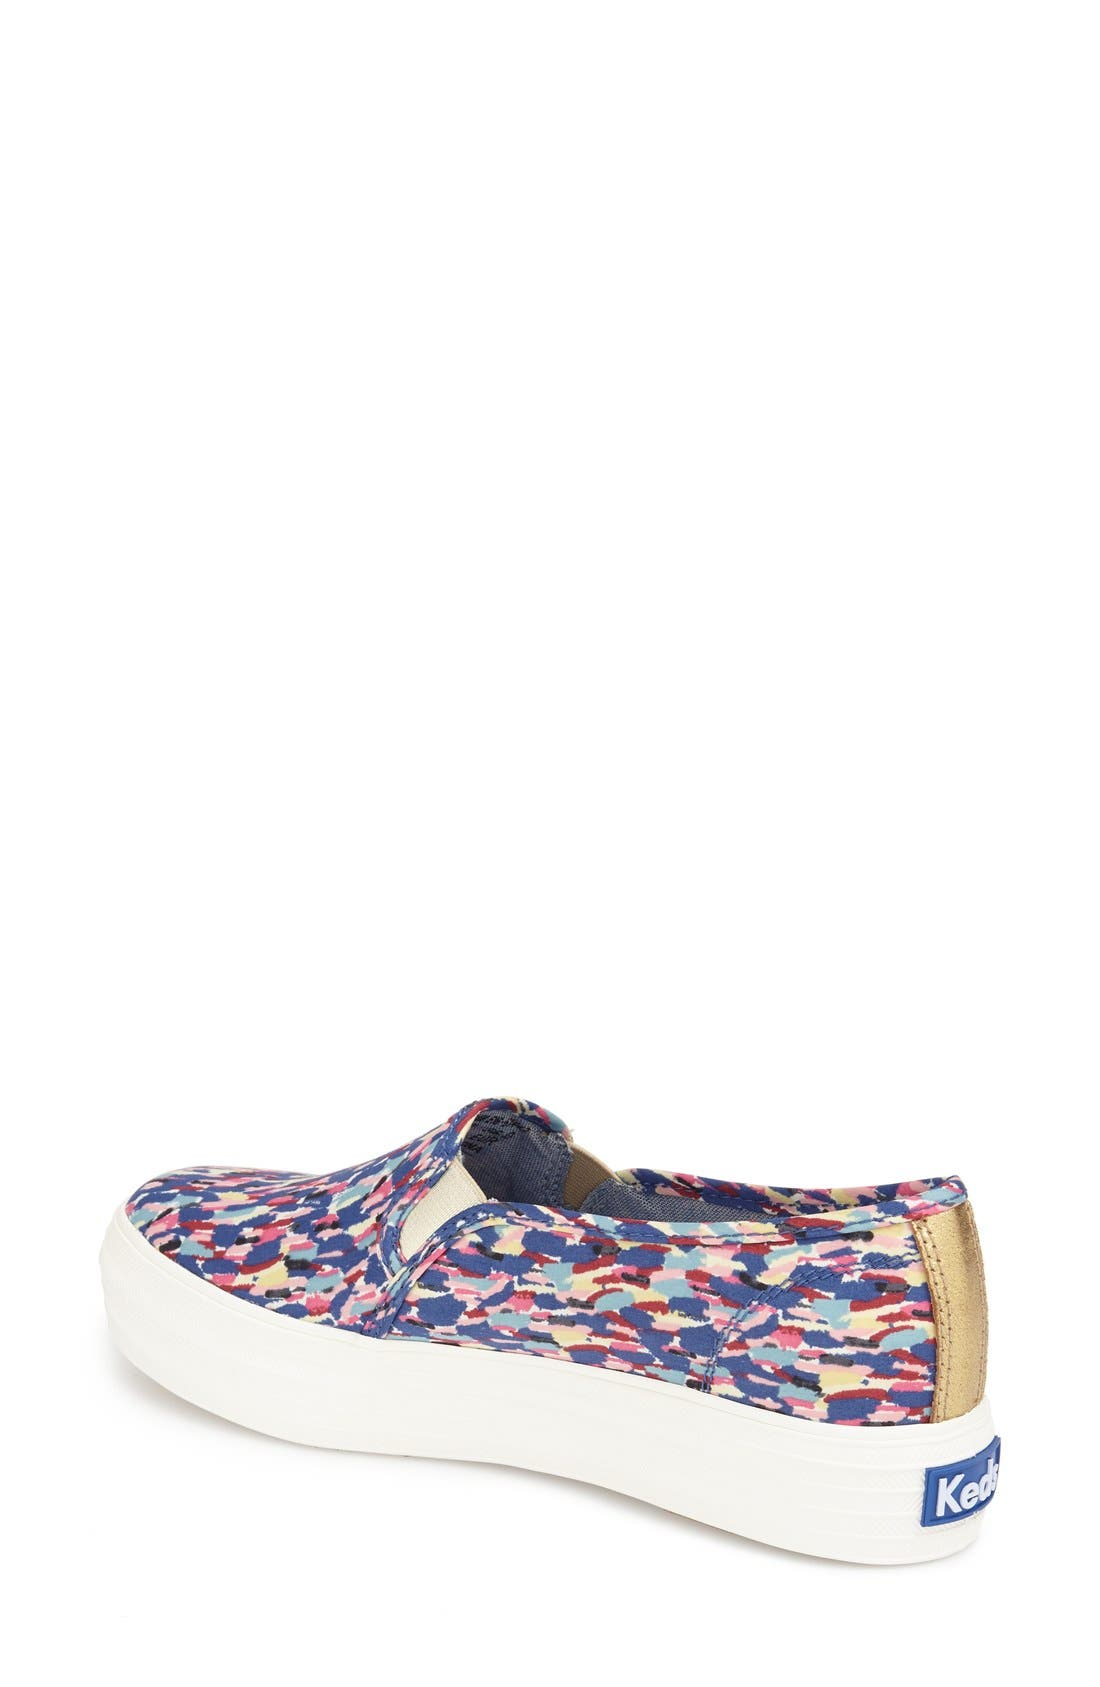 Triple Decker Slip-On Platform Sneaker,                             Alternate thumbnail 18, color,